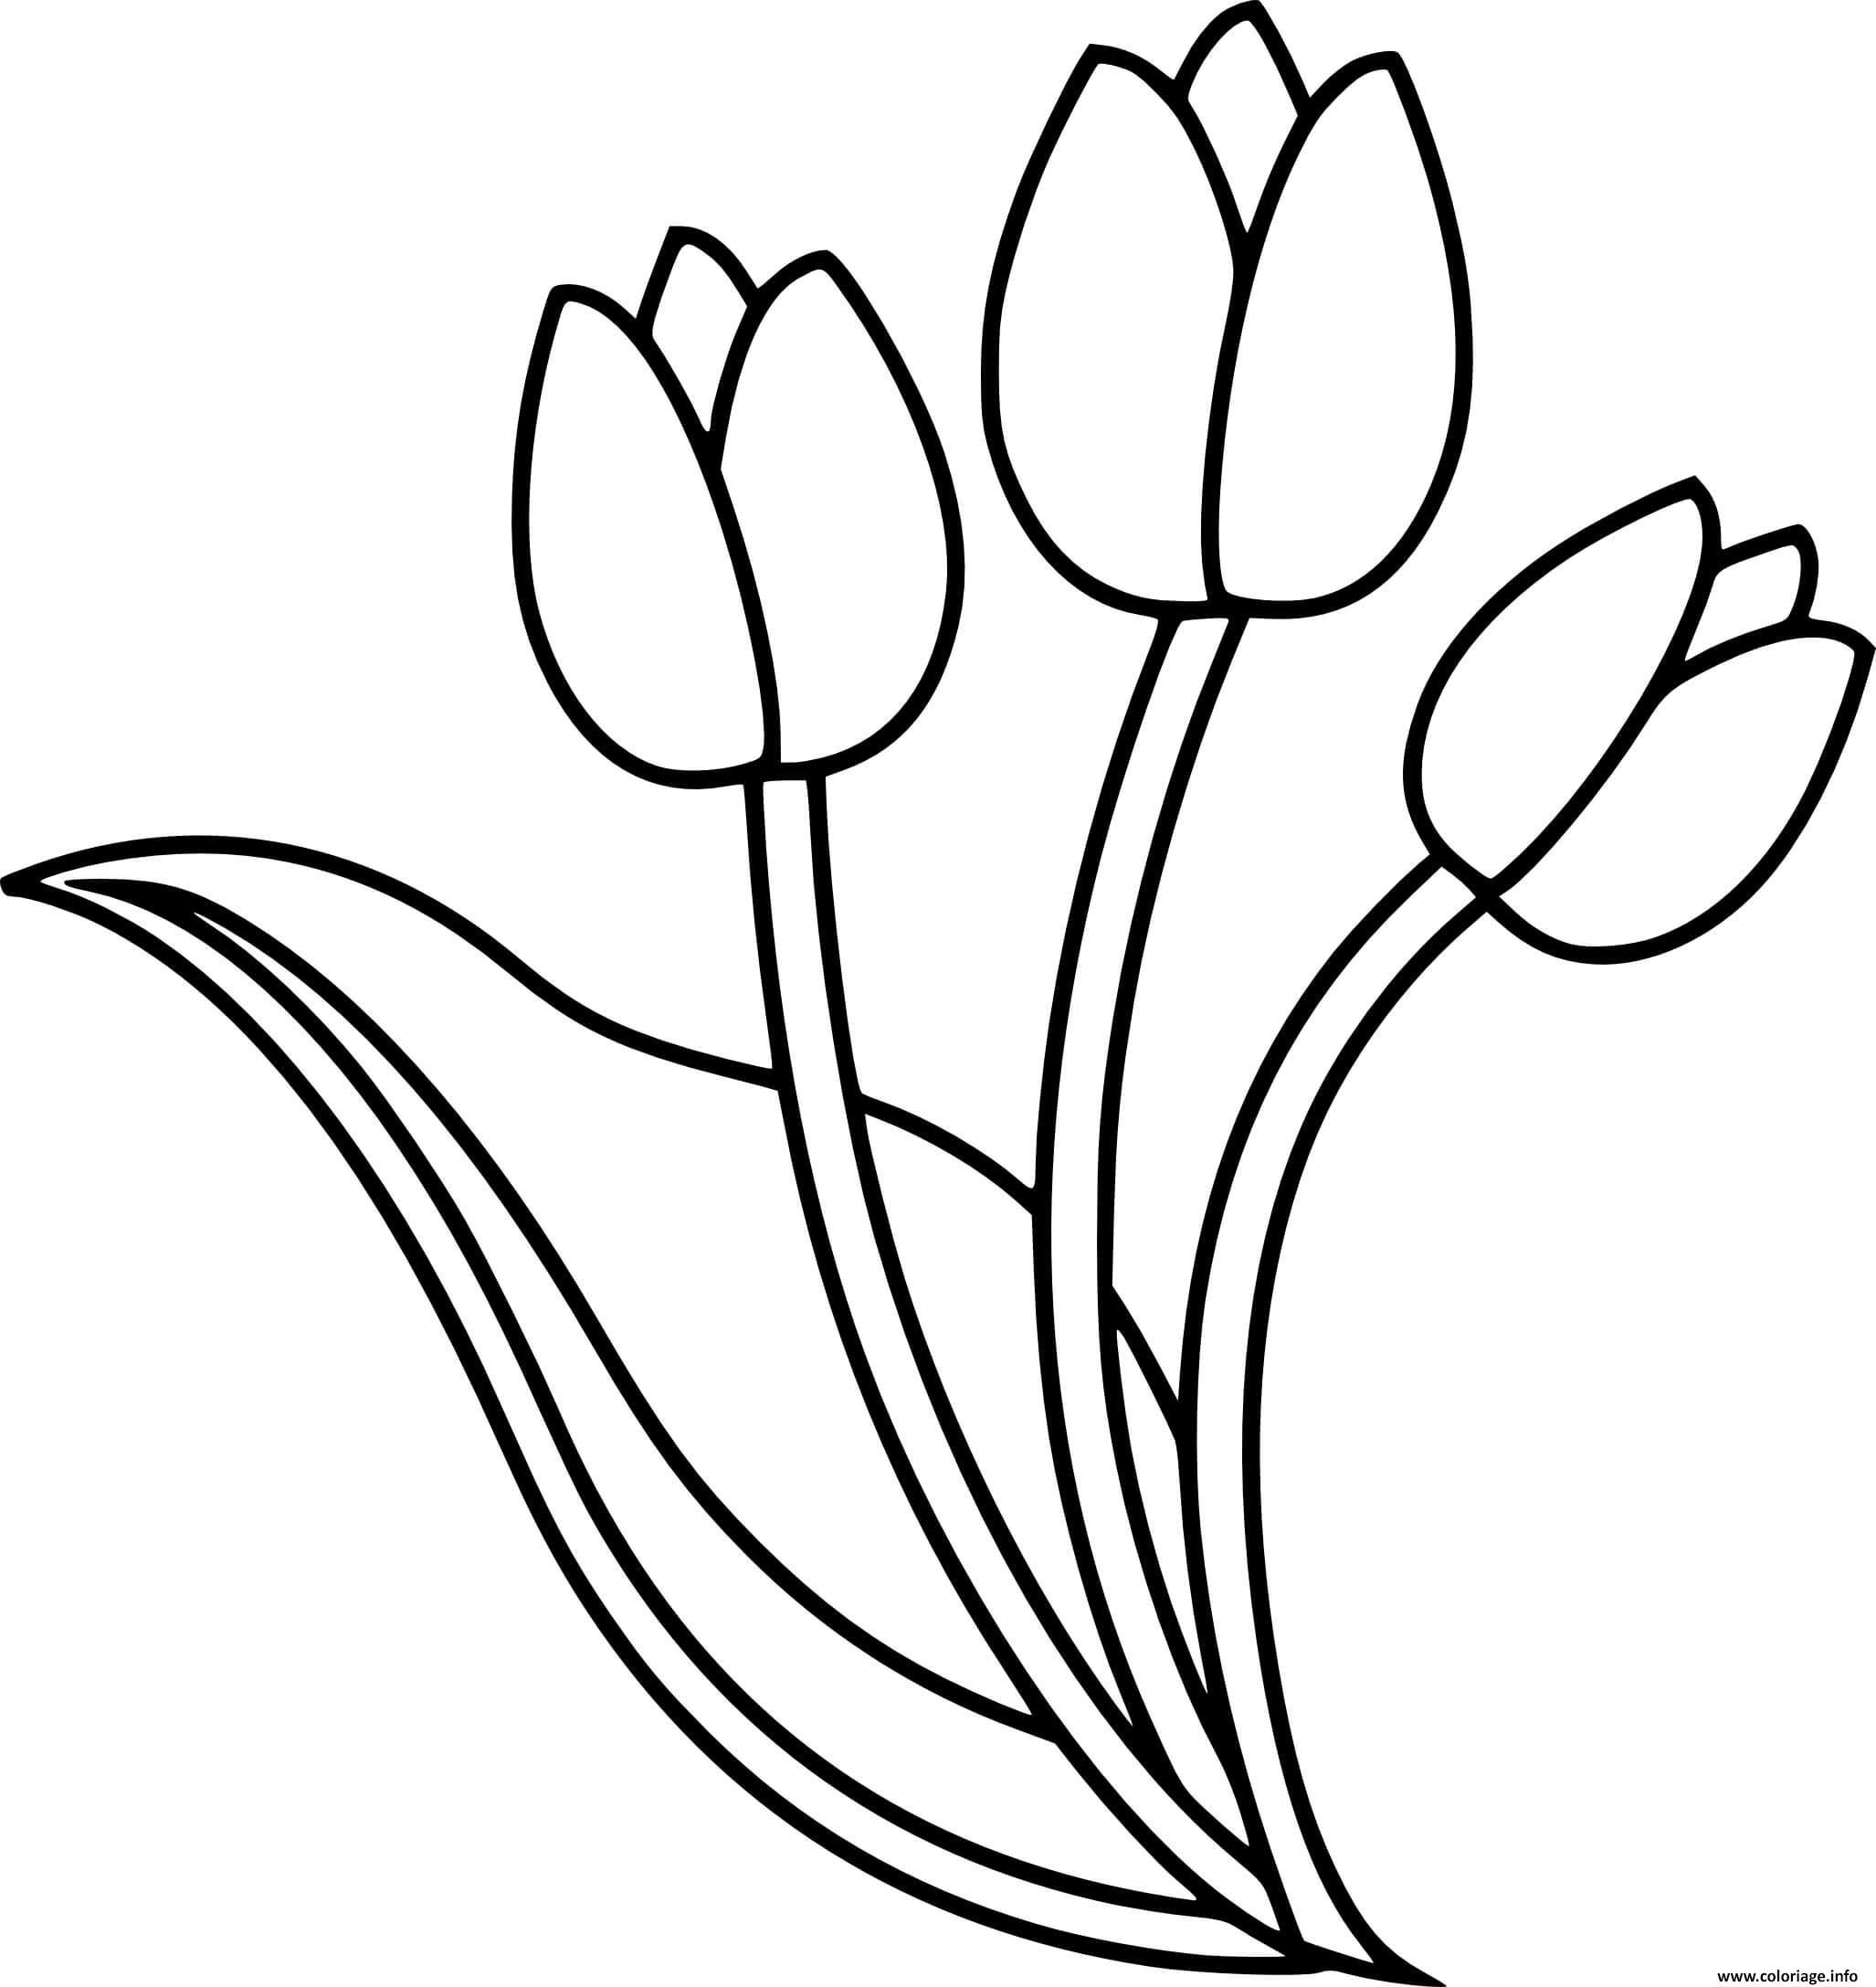 Dessin trois fleurs tulipes Coloriage Gratuit à Imprimer